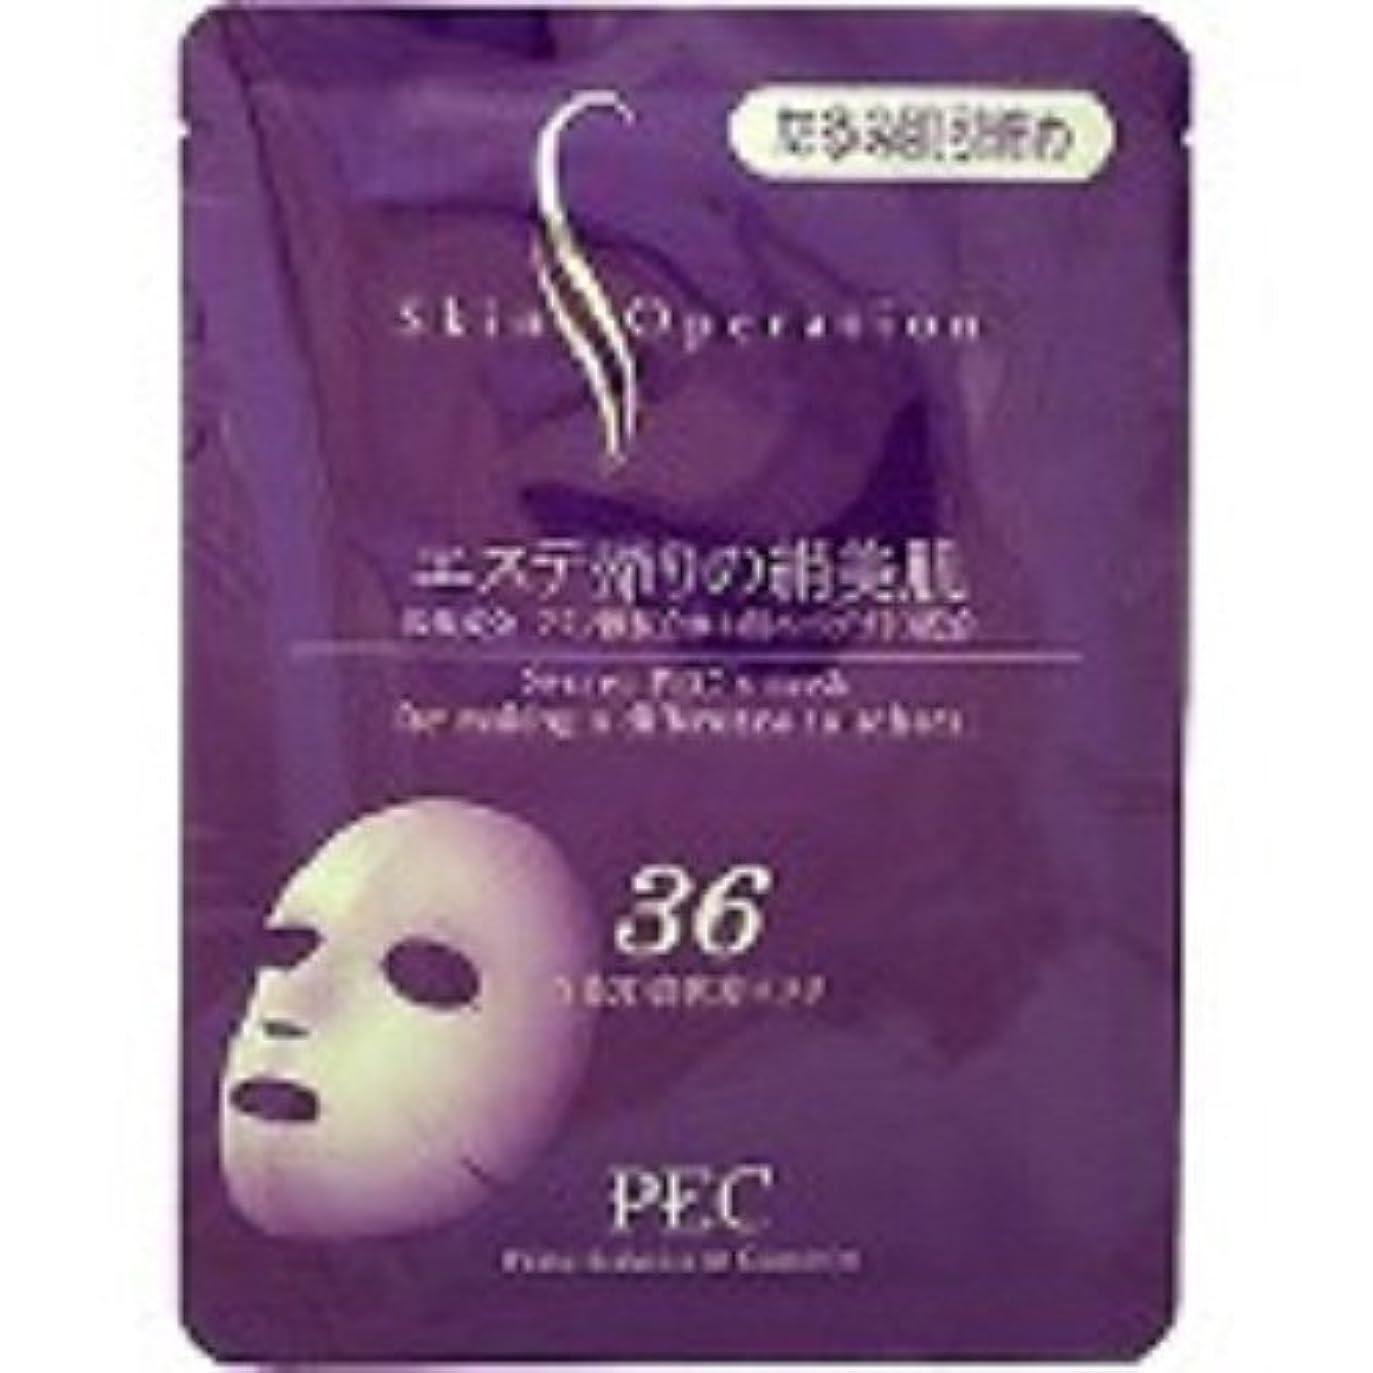 負贈り物作家スキンオペレーション マスク36